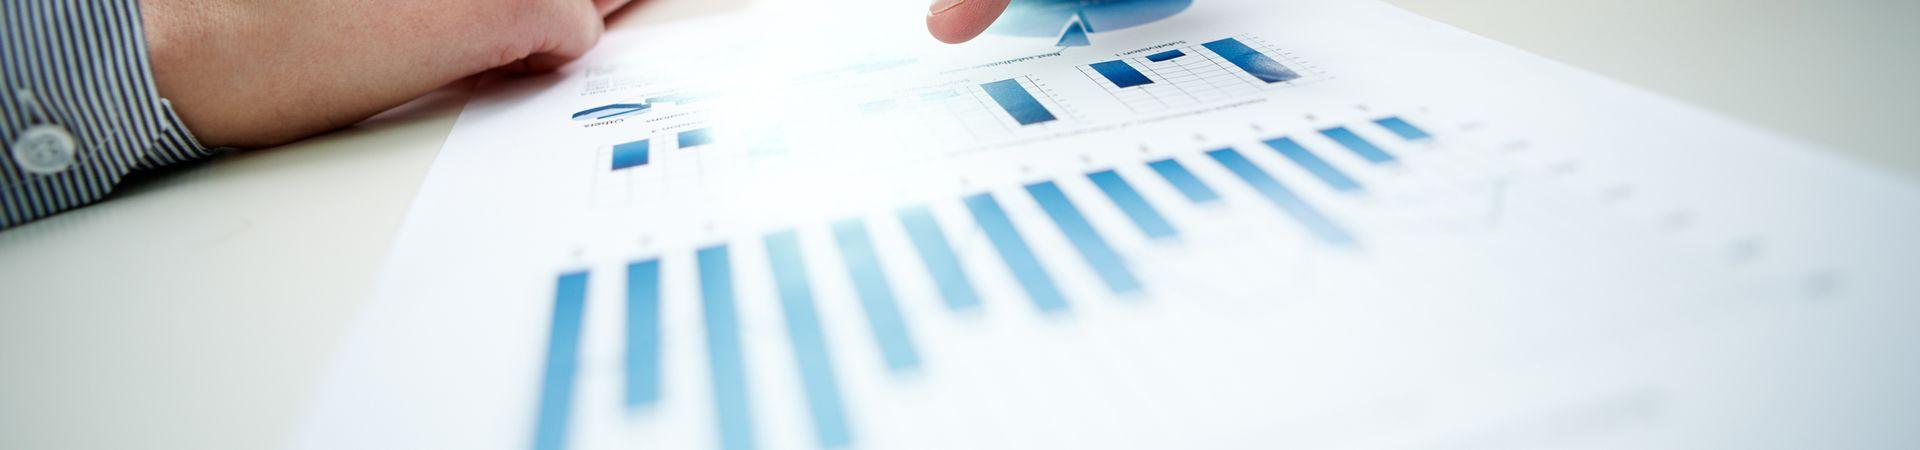 Estudo e análise económica da concorrência